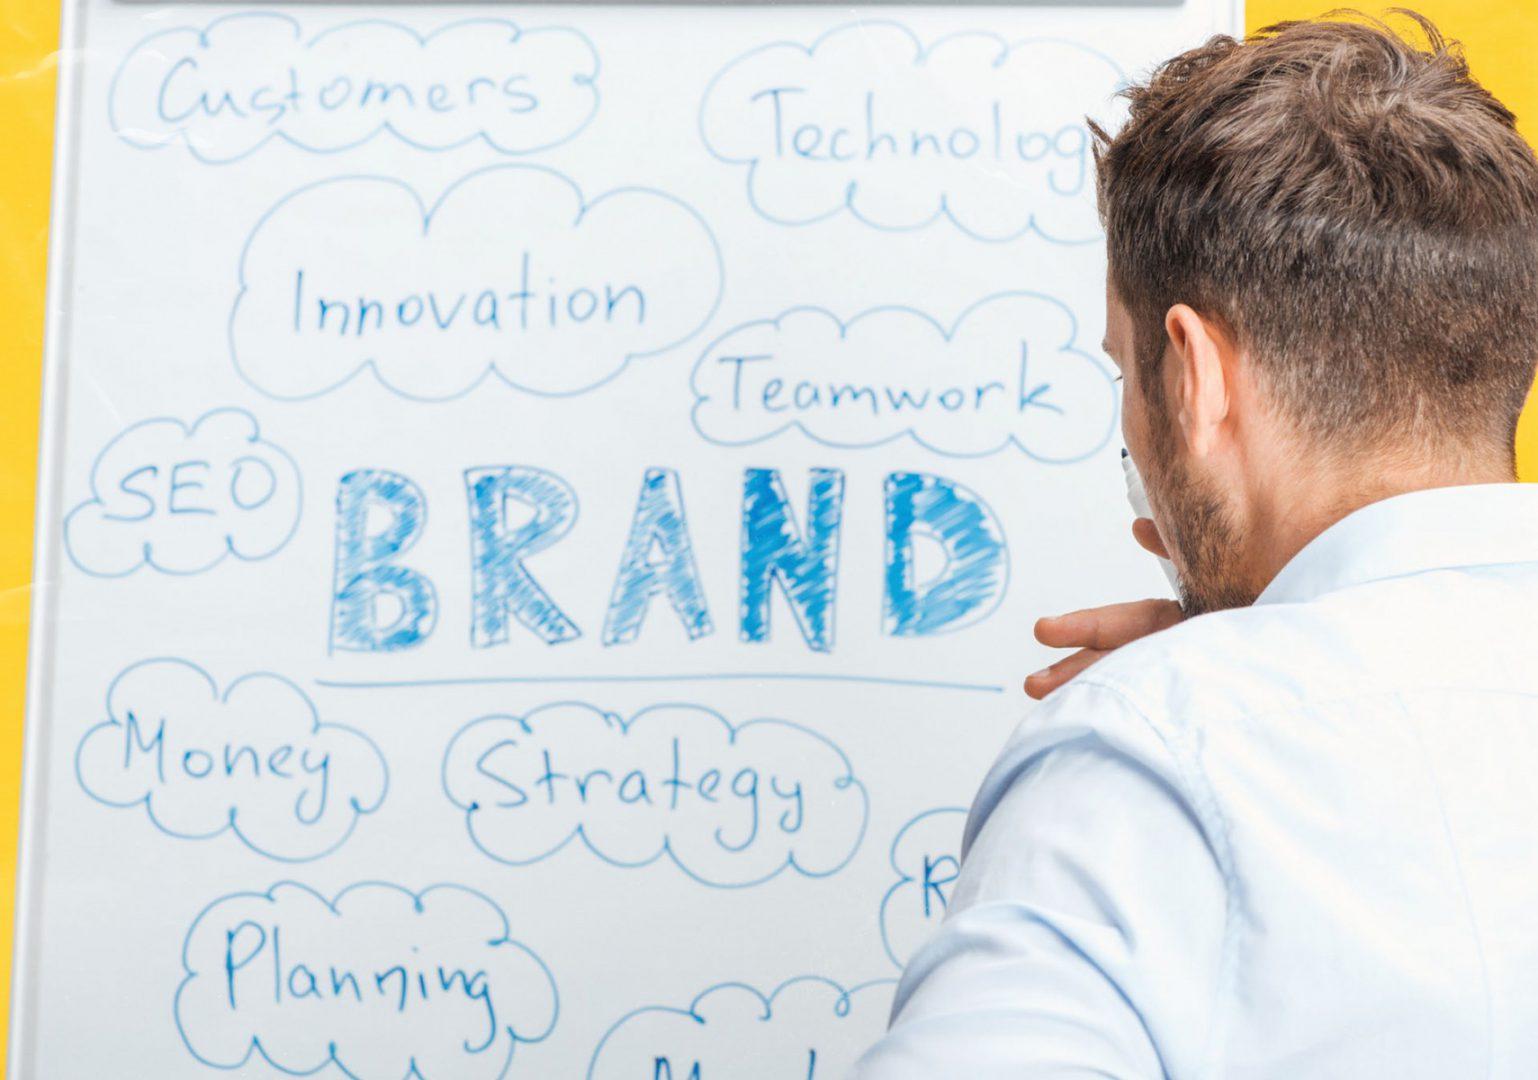 distinctive brand